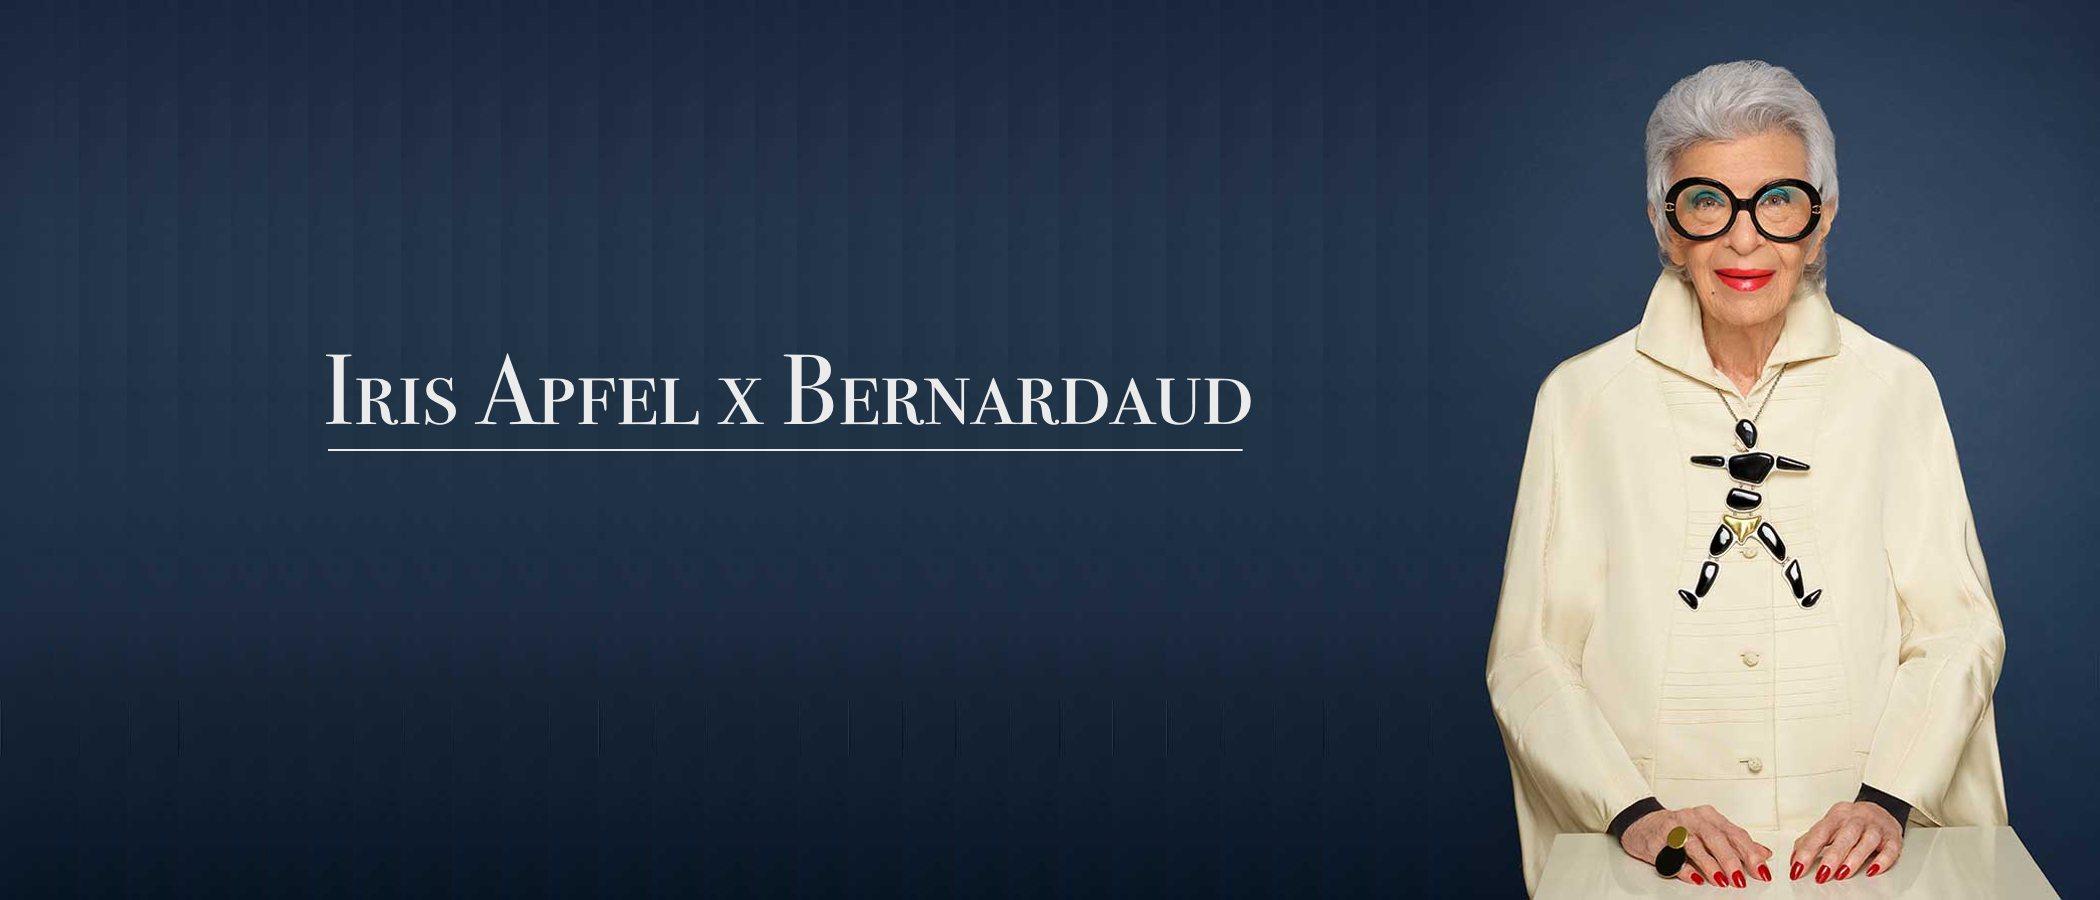 Iris Apfel se sube al carro del diseño con una colaboración con la lujosa empresa de porcelana Bernardaud